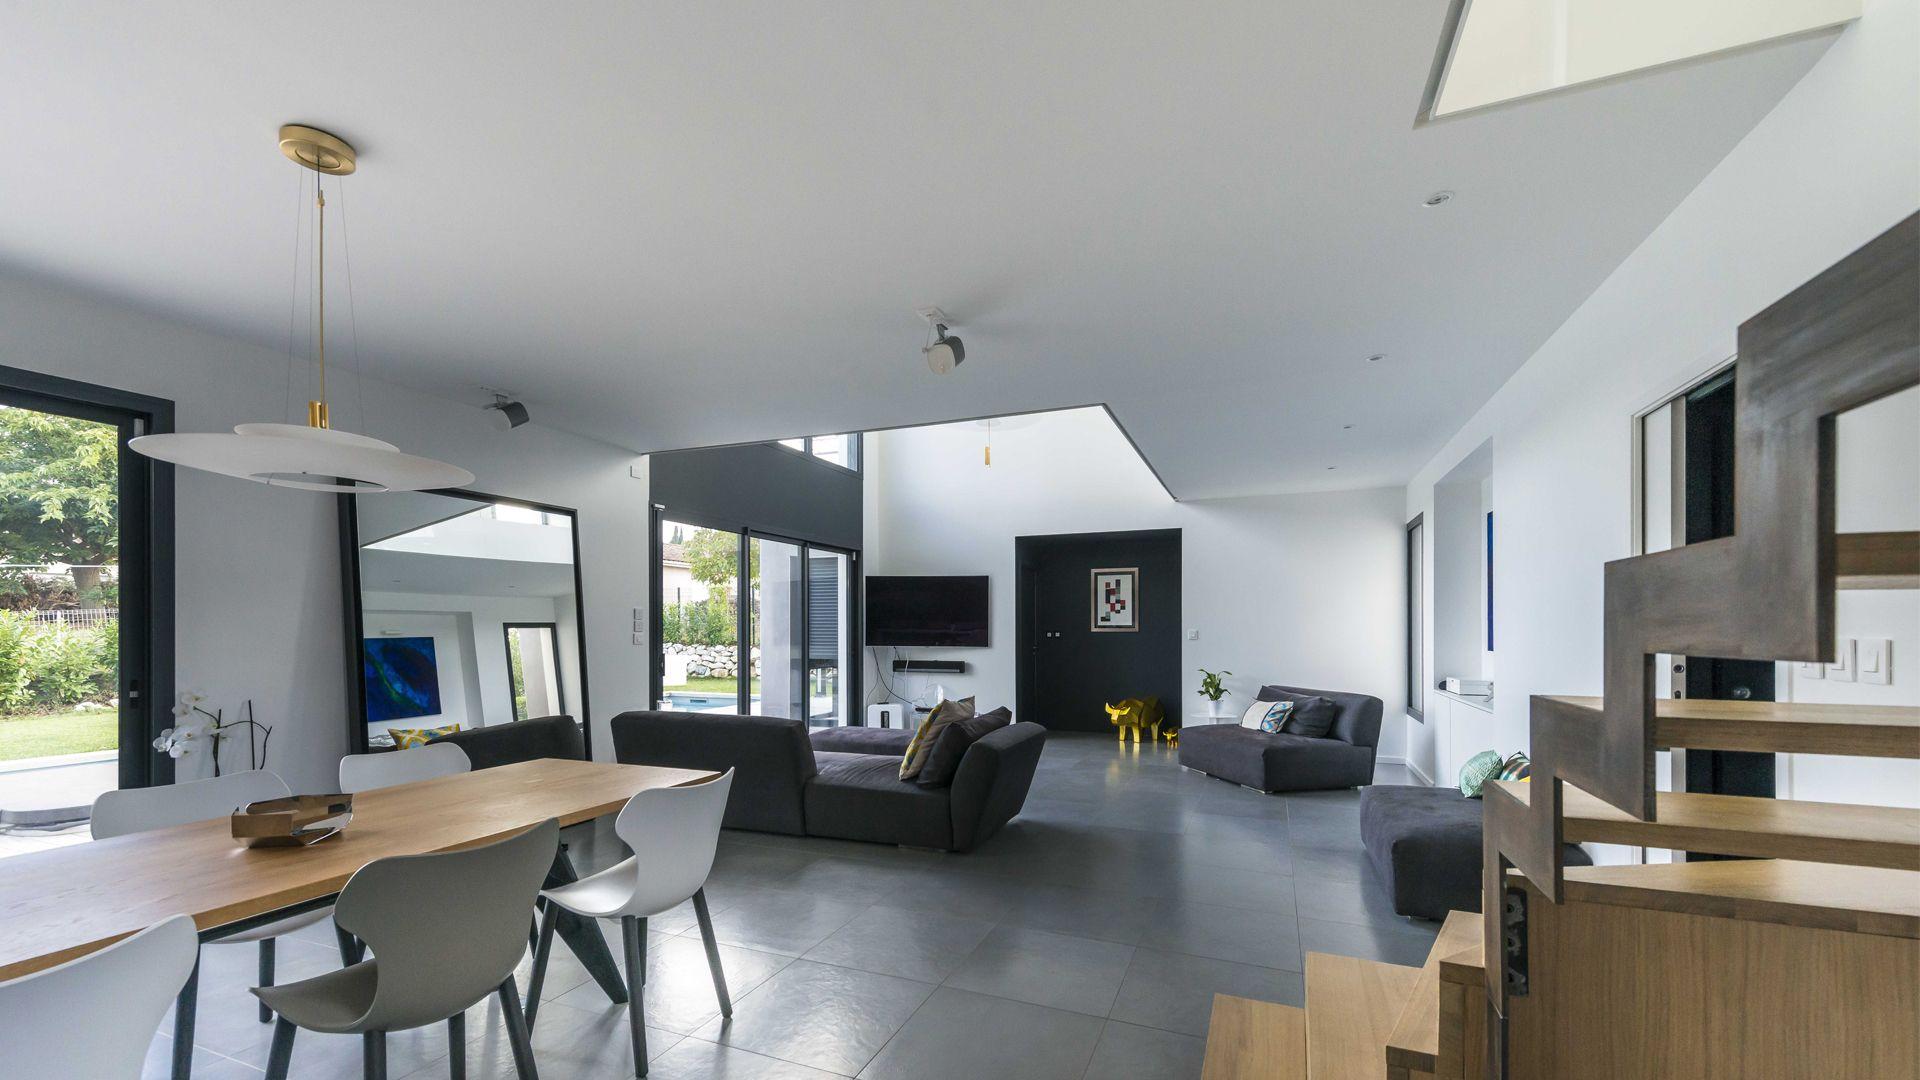 Seuil-architecture-maison-bioclimatique-Balma-Pièce-de-vie-slid-compressor